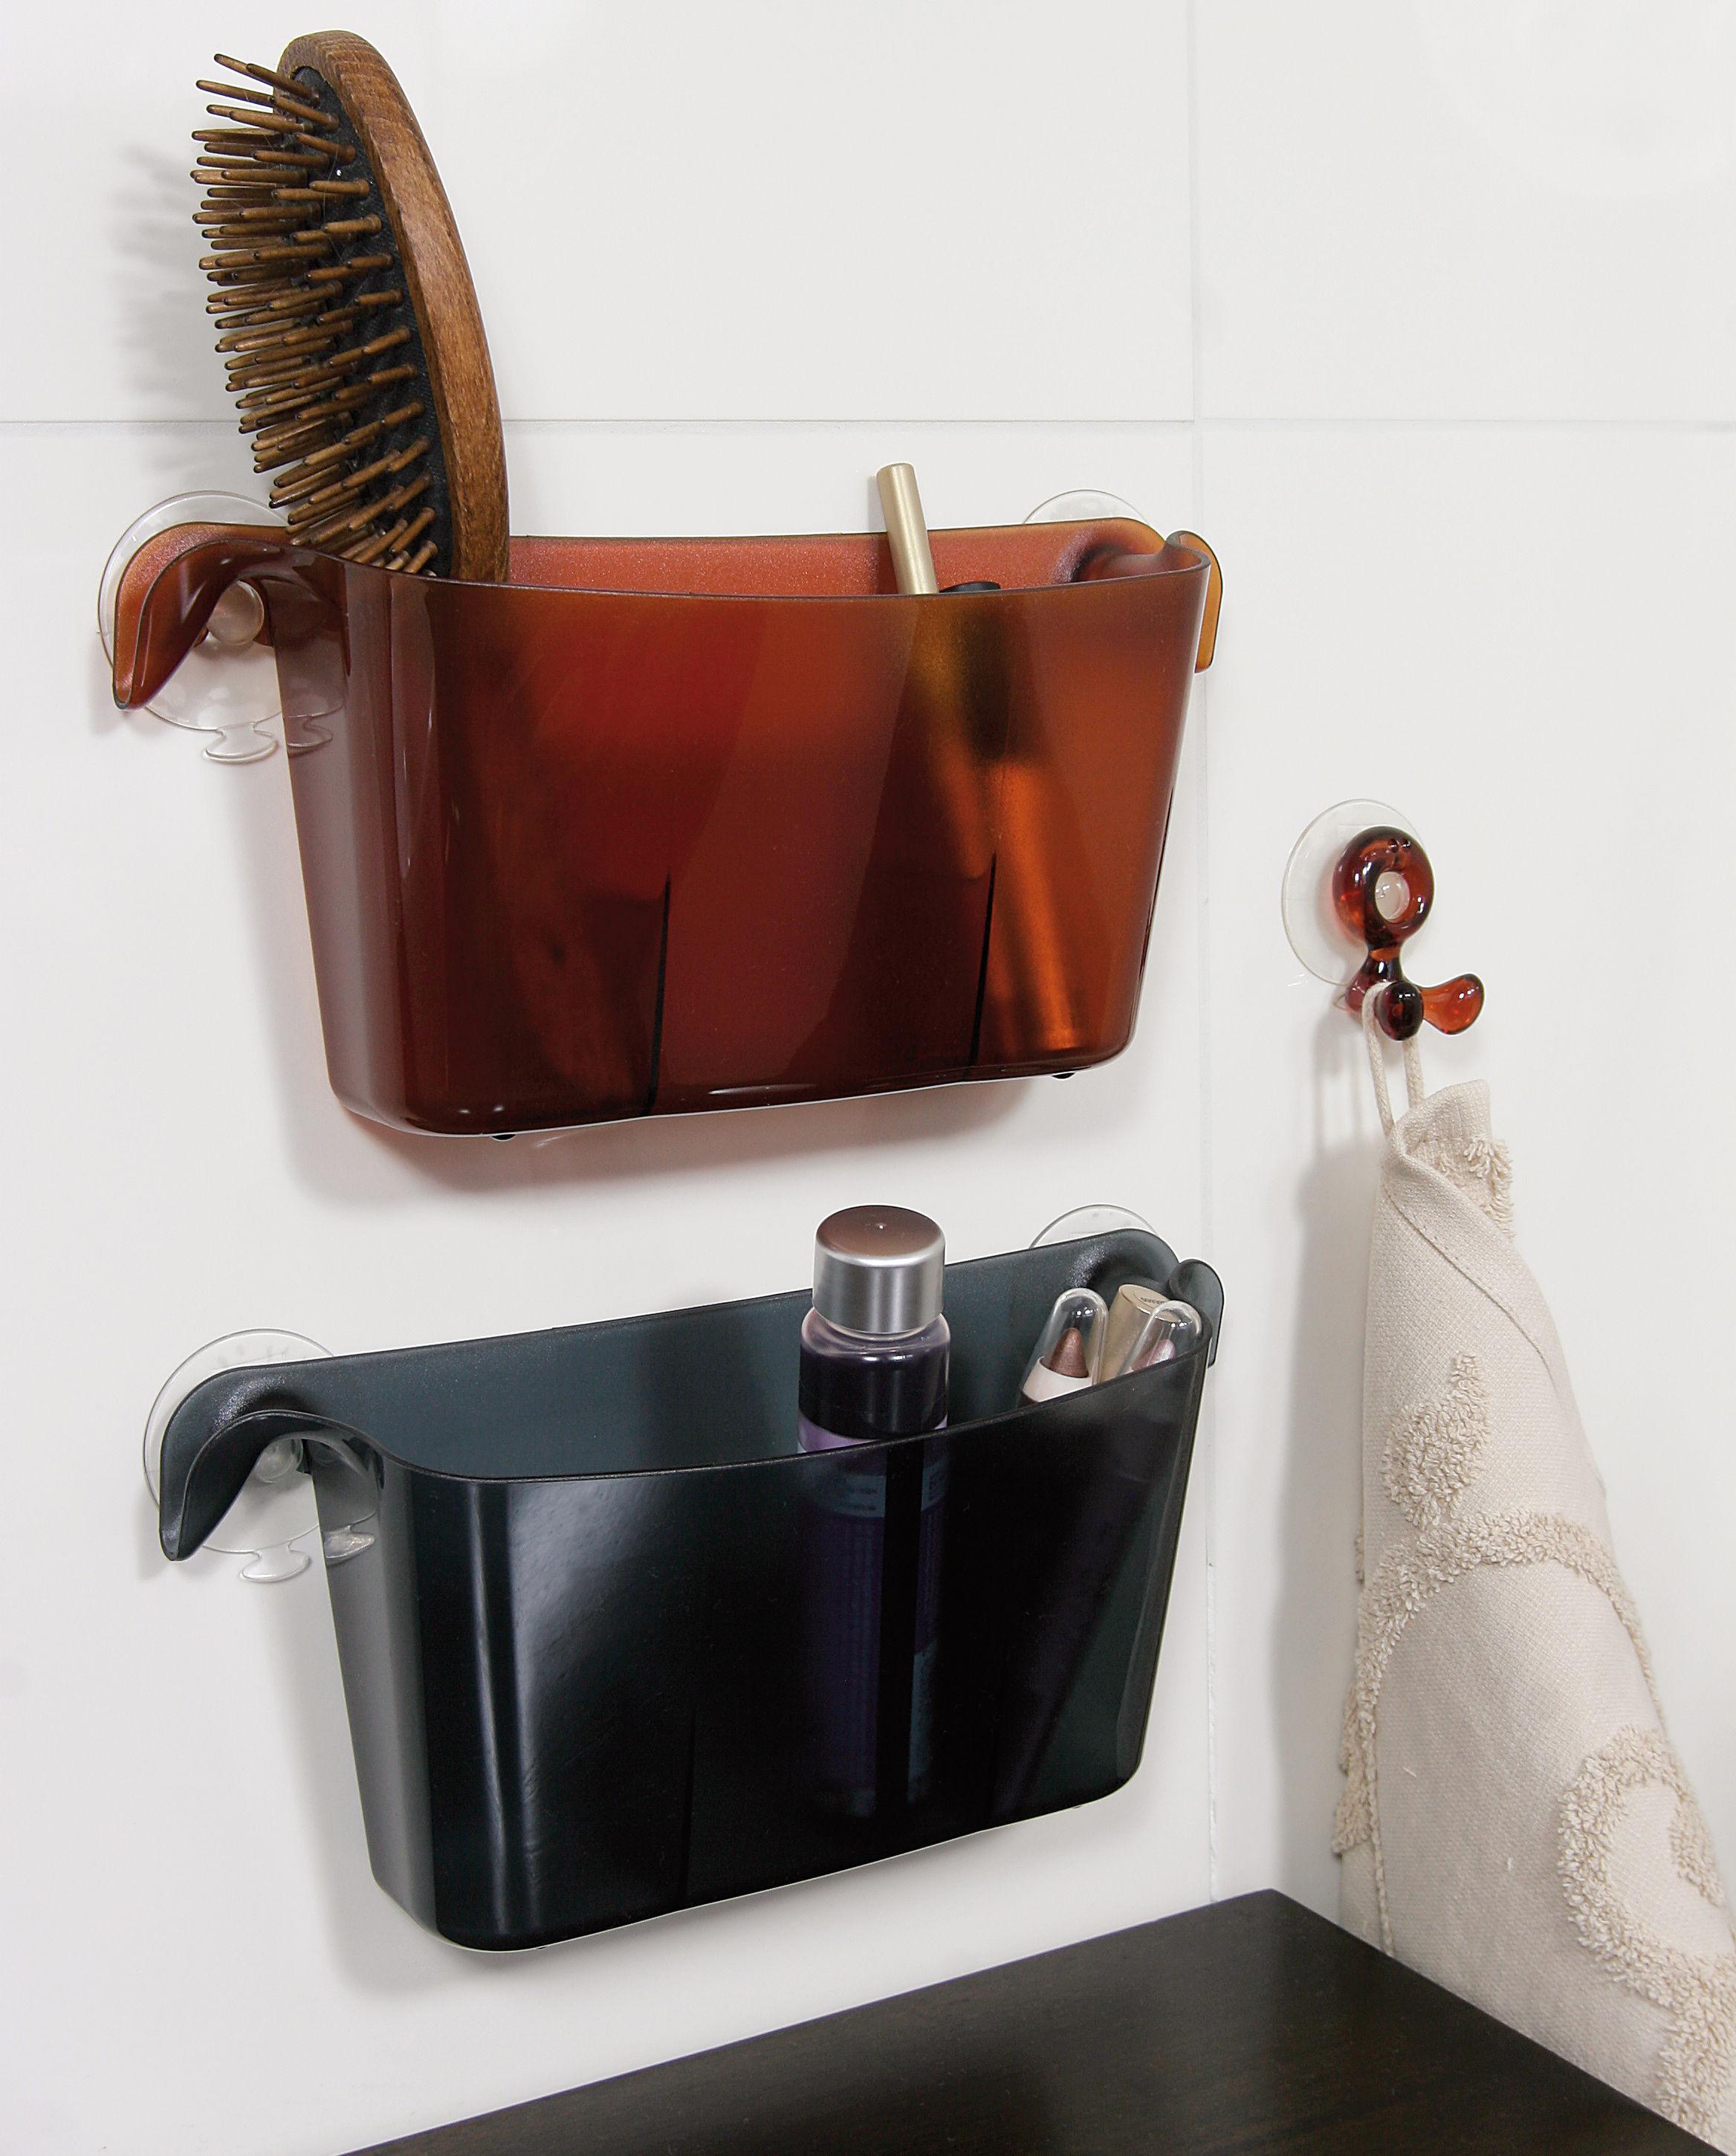 bac de rangement boks avec ventouses cristal koziol. Black Bedroom Furniture Sets. Home Design Ideas